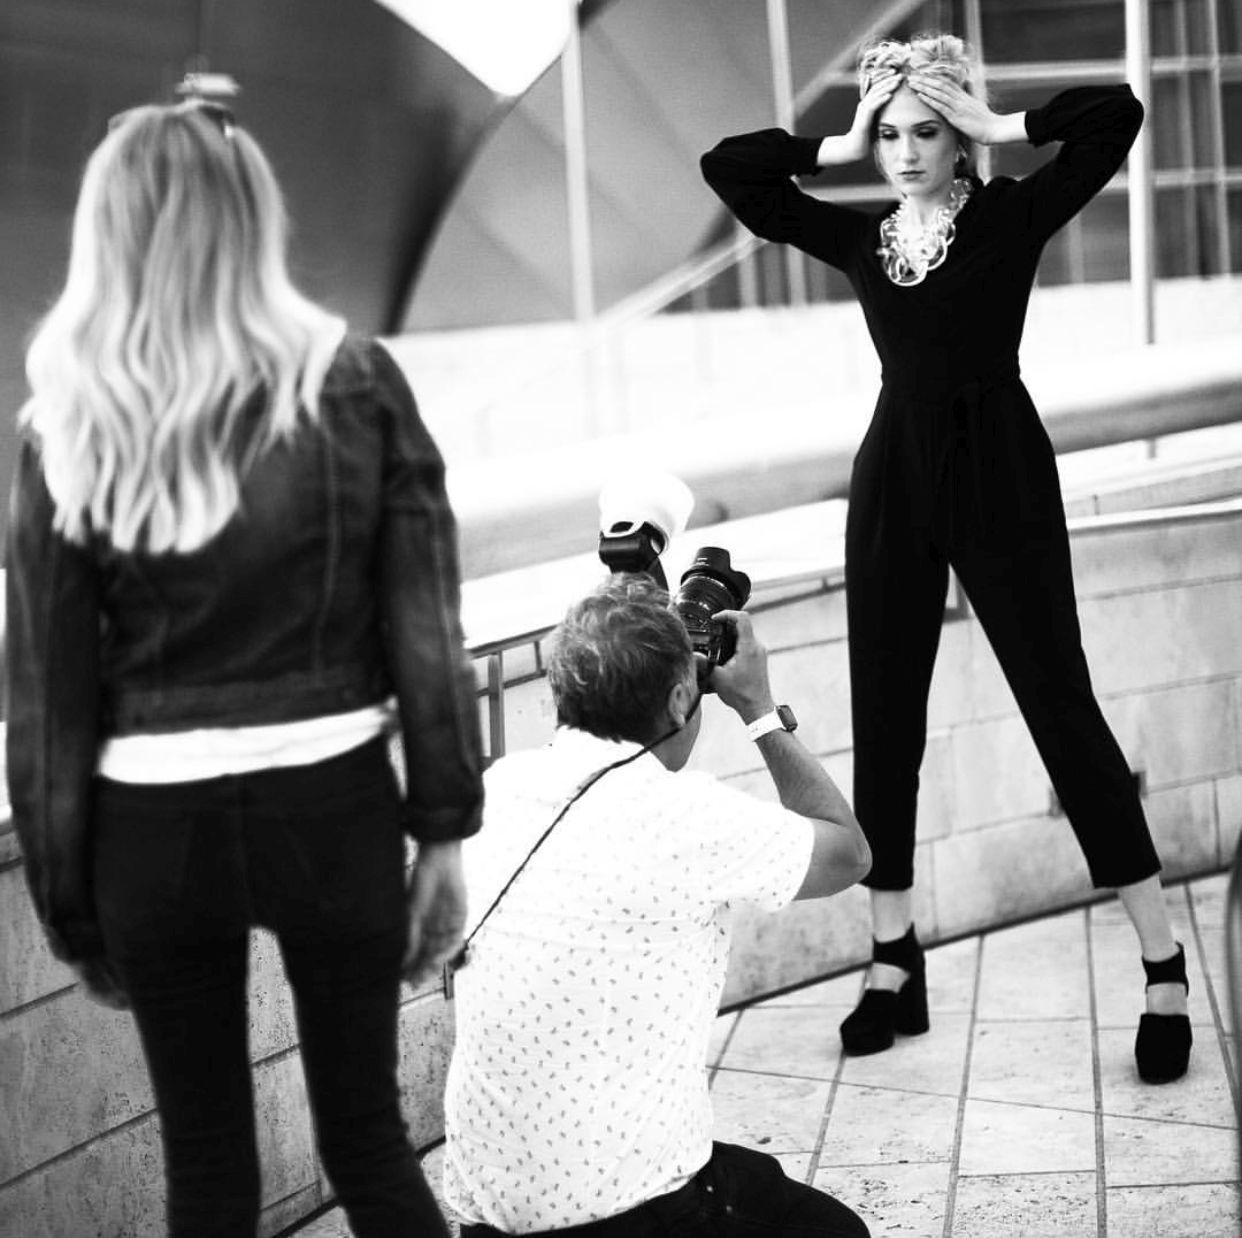 Tony Florez - Corporate Photographer - 017